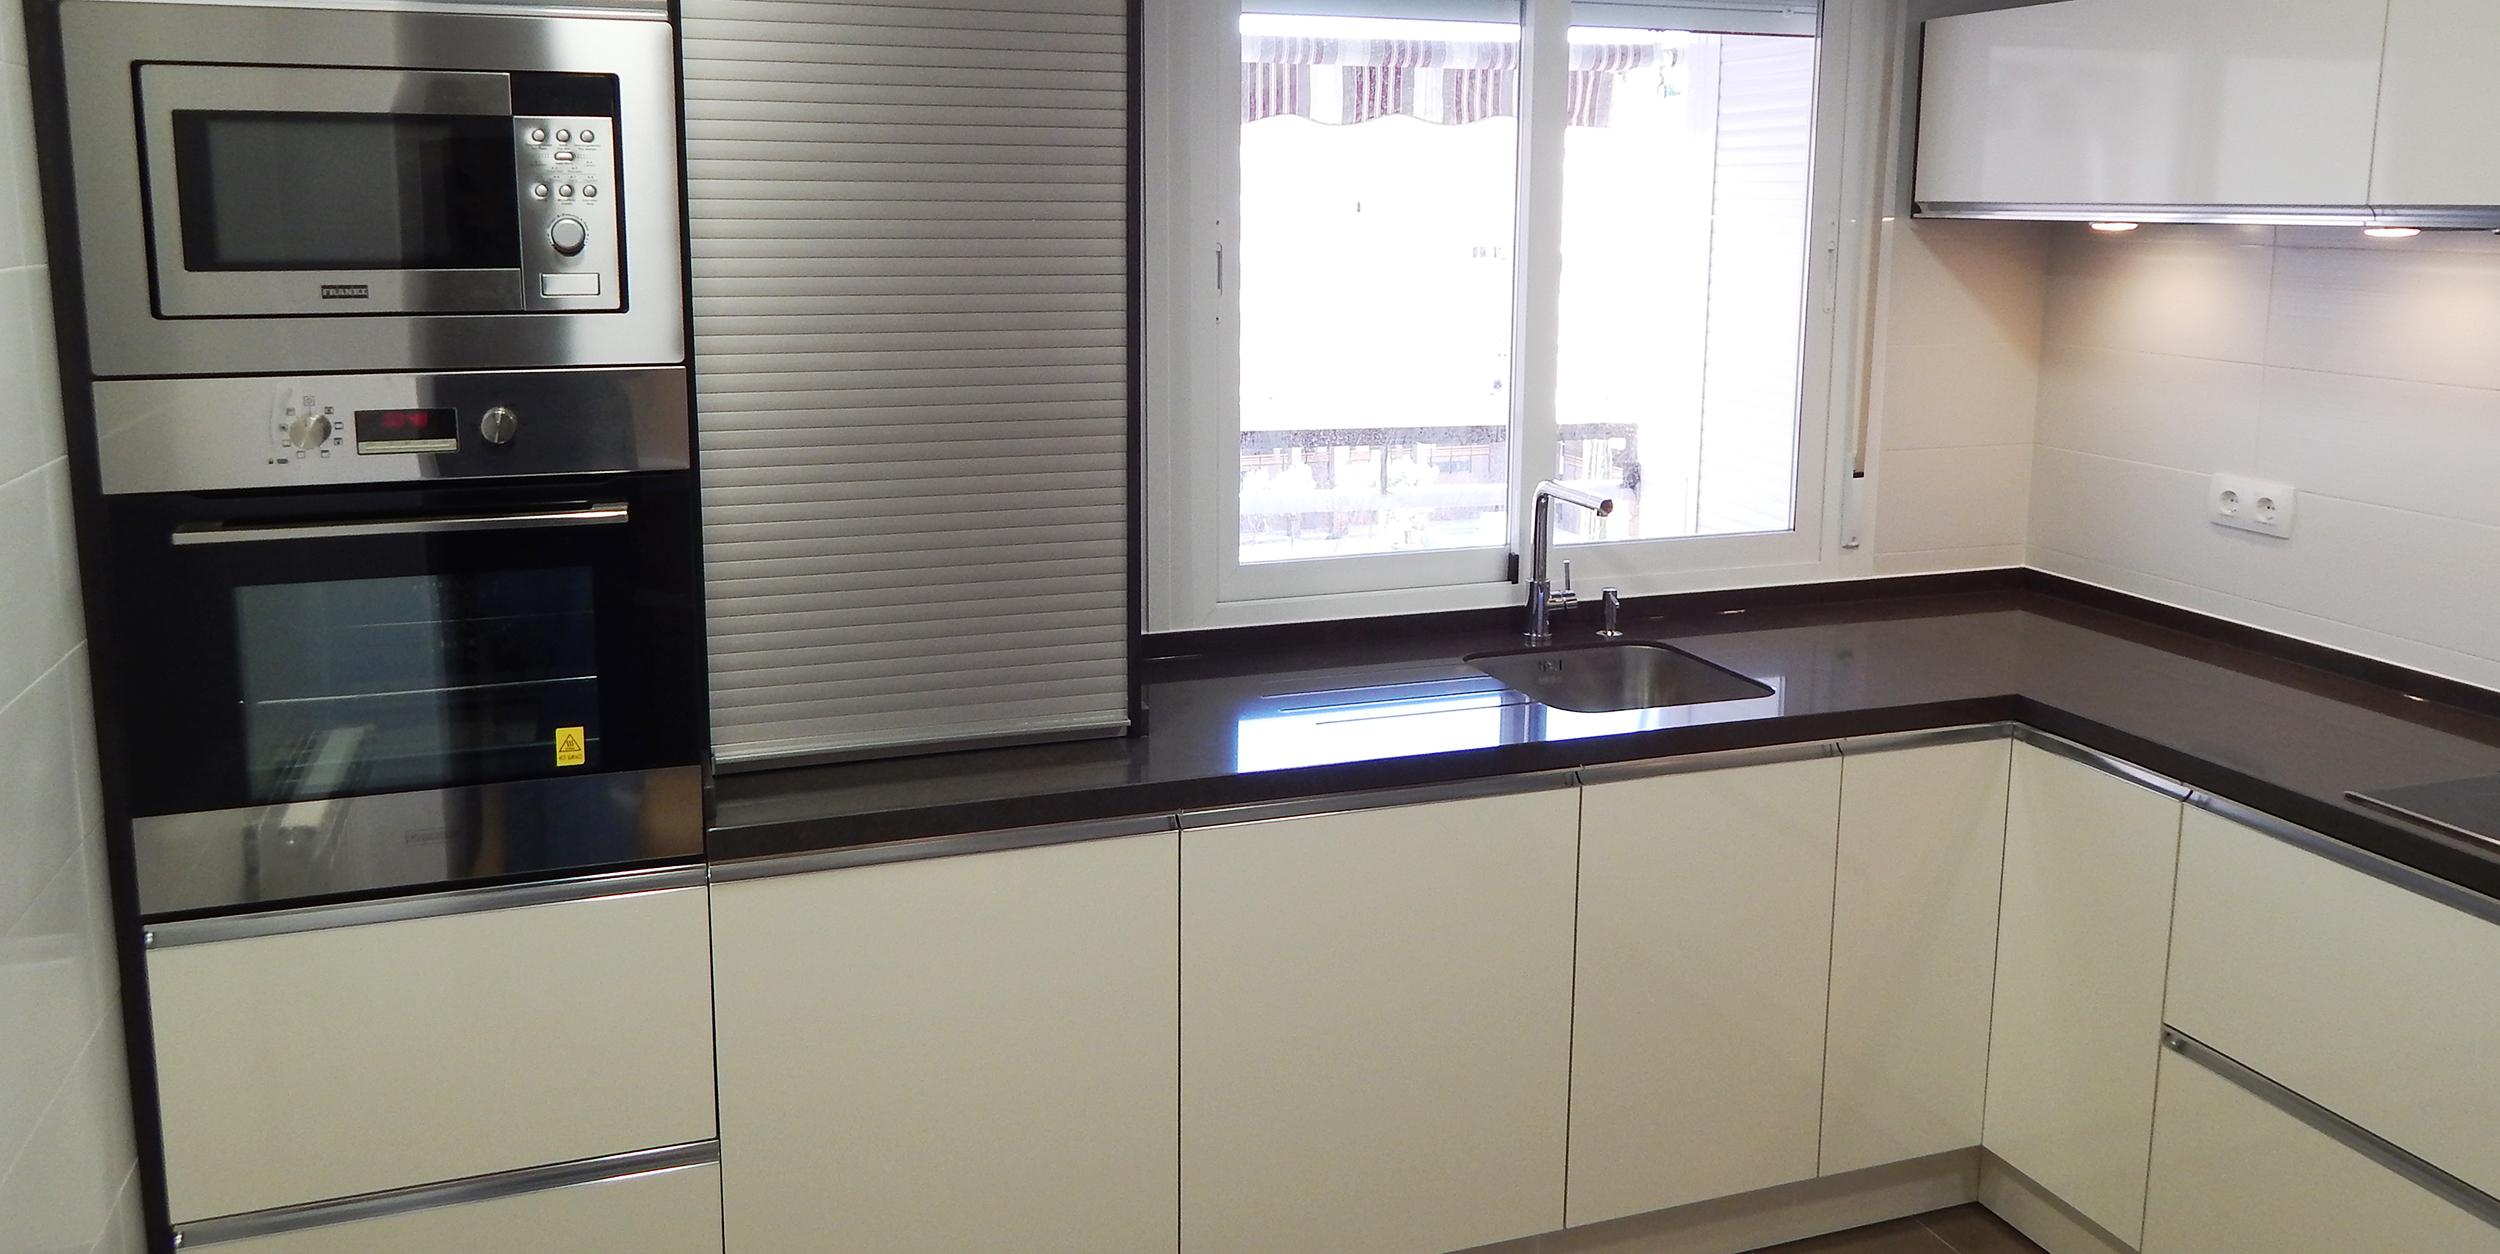 Muebles de cocina neo magnolia - Muebles de cocina merkamueble ...